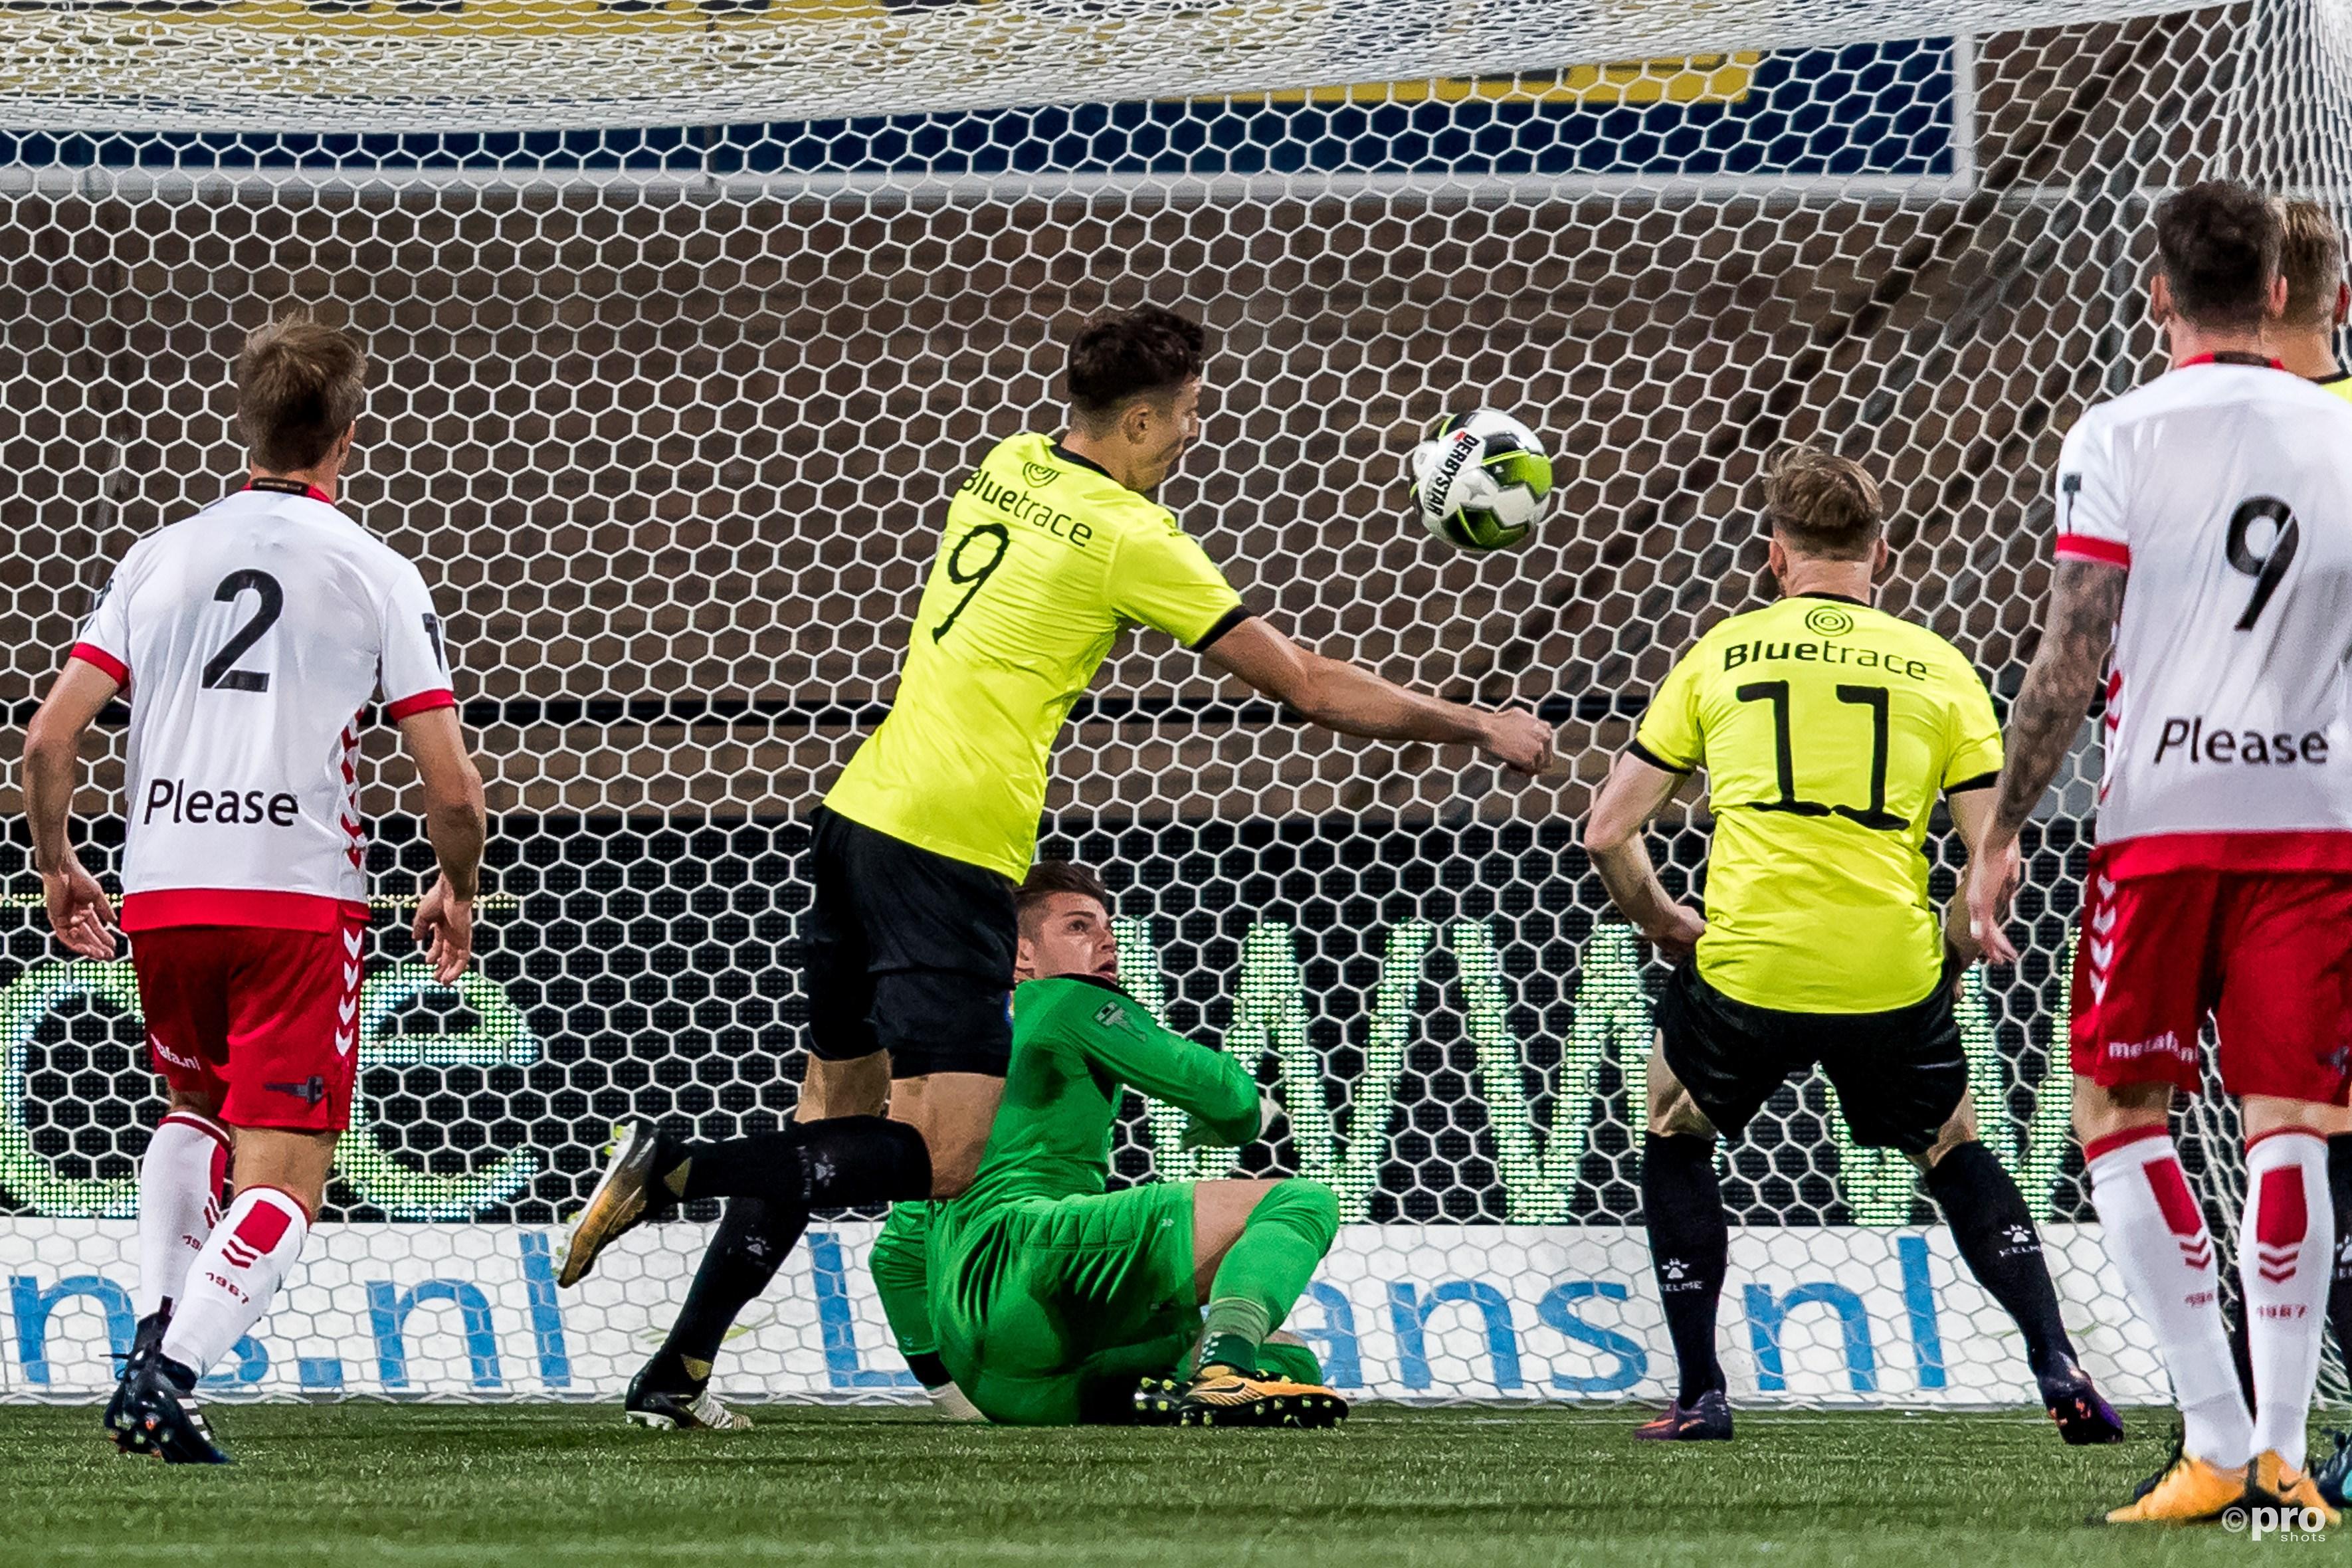 keeper Stijn van Gassel kansloos bij de 0-1 van SC Telstar speler Andrija Novakovich. (PRO SHOTS/Marcel van Dorst)